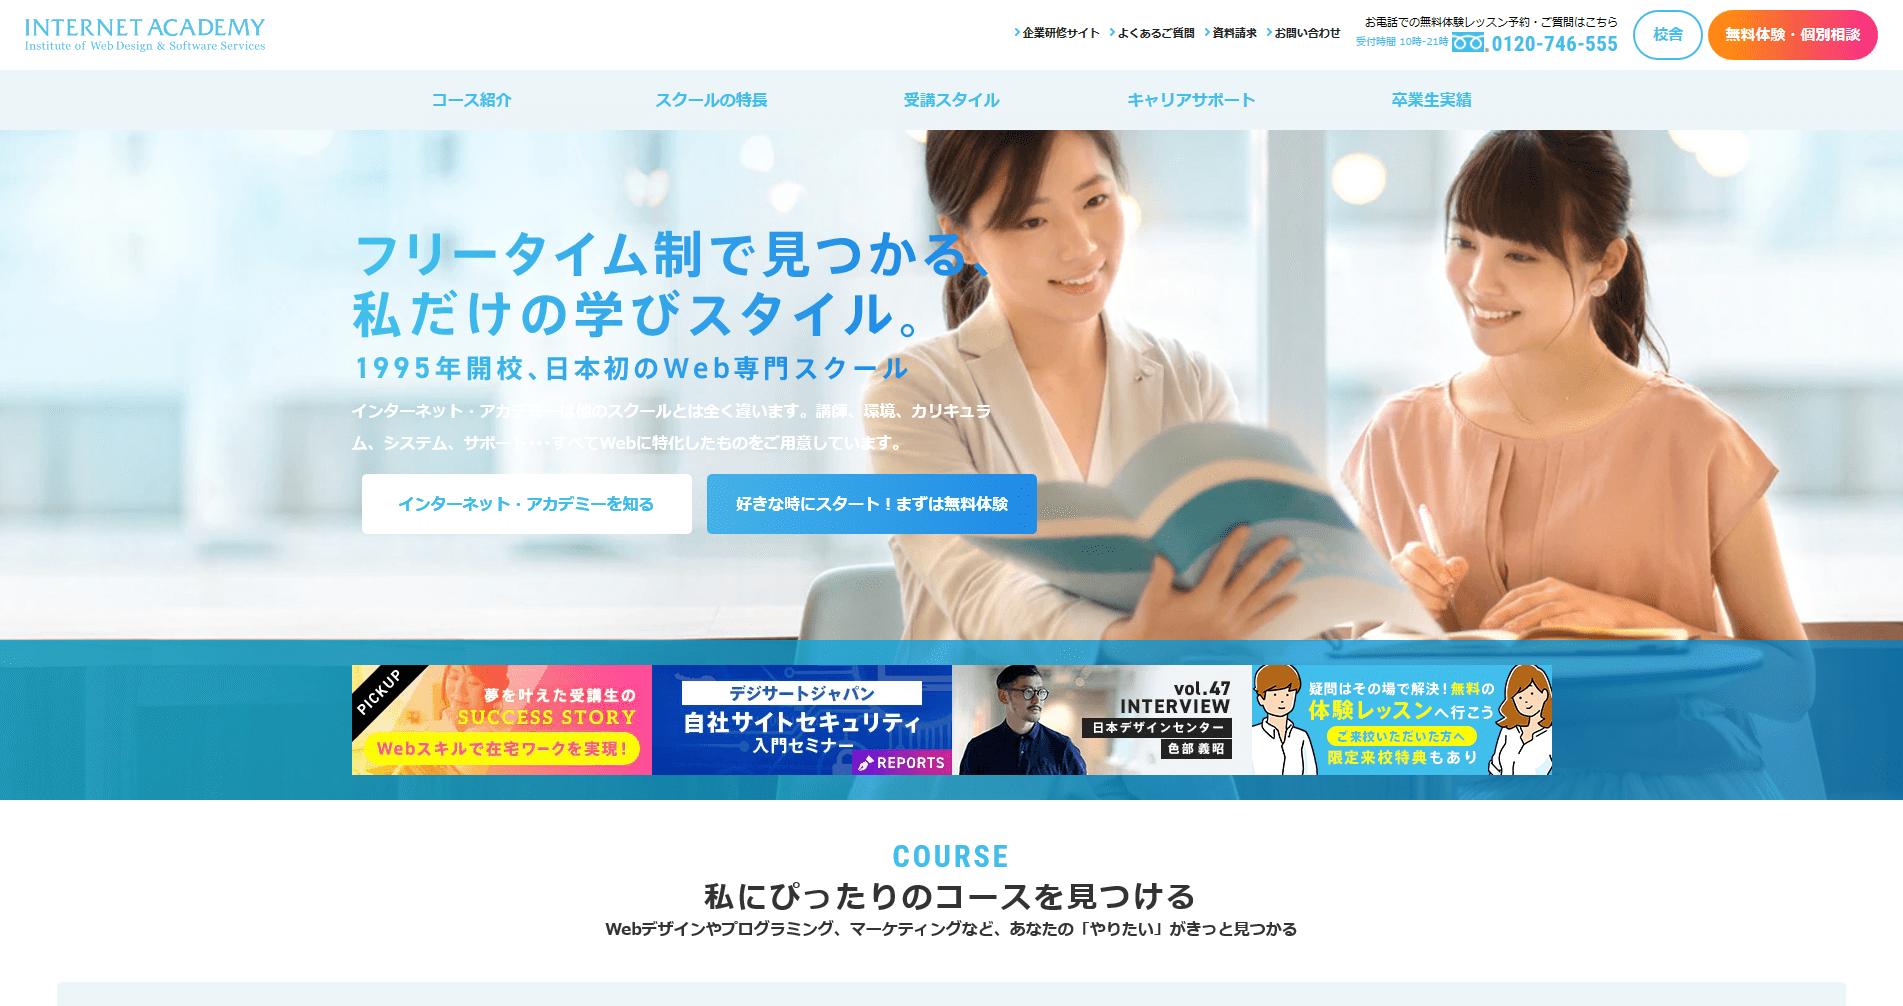 インターネットアカデミーの画像1